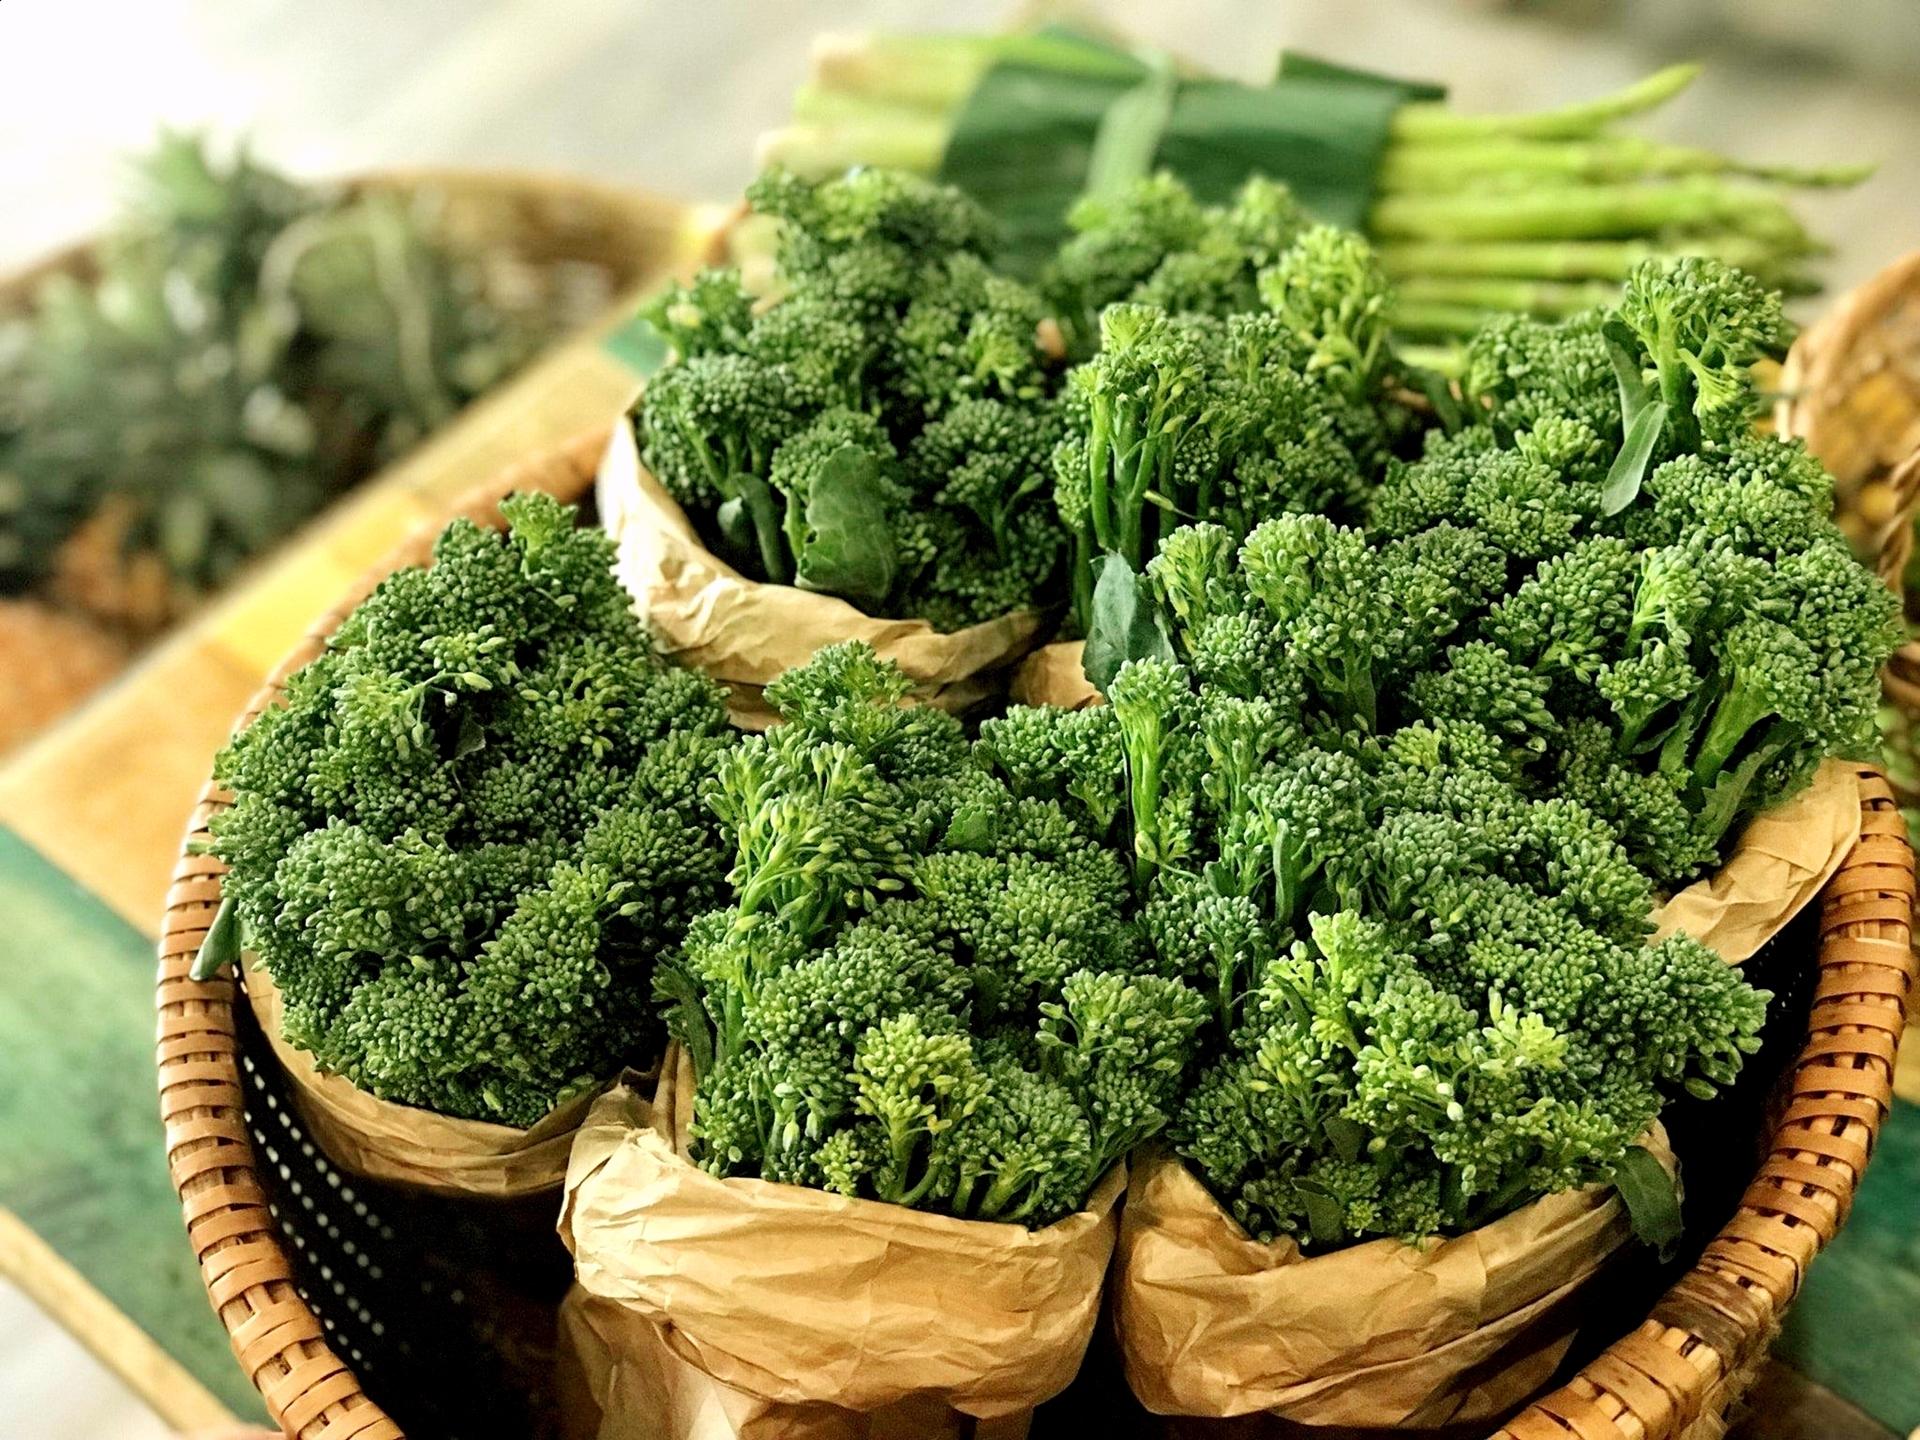 bông cải xanh - thực phẩm giàu canxi bậc nhất